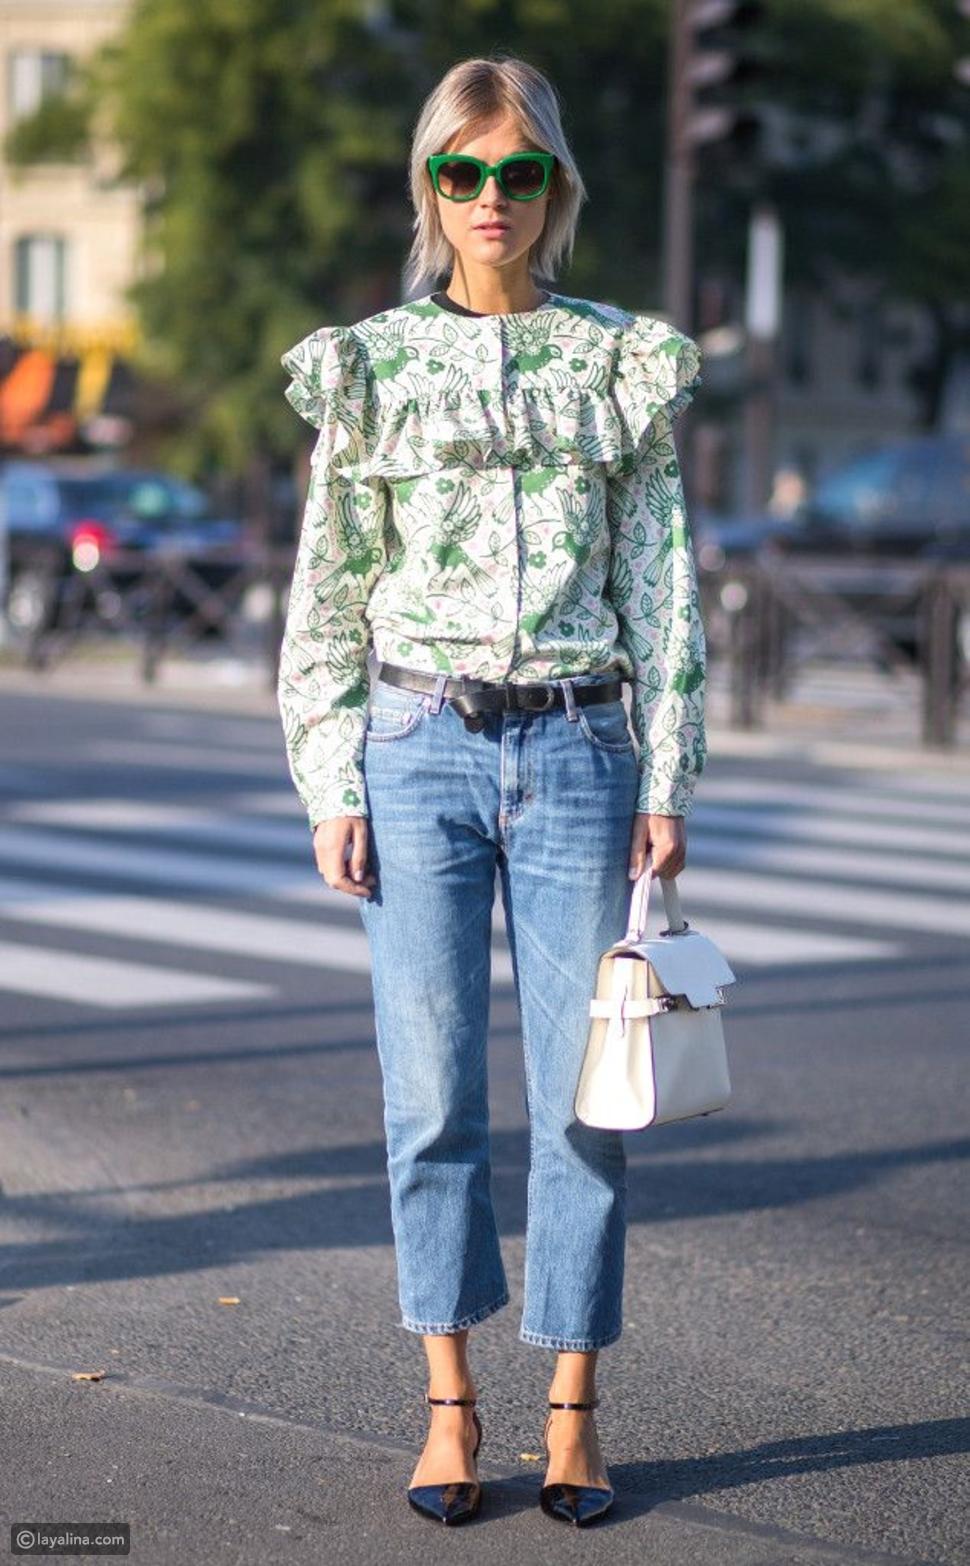 بنطلون جينز مع قميص مستوحة من الثمانينات